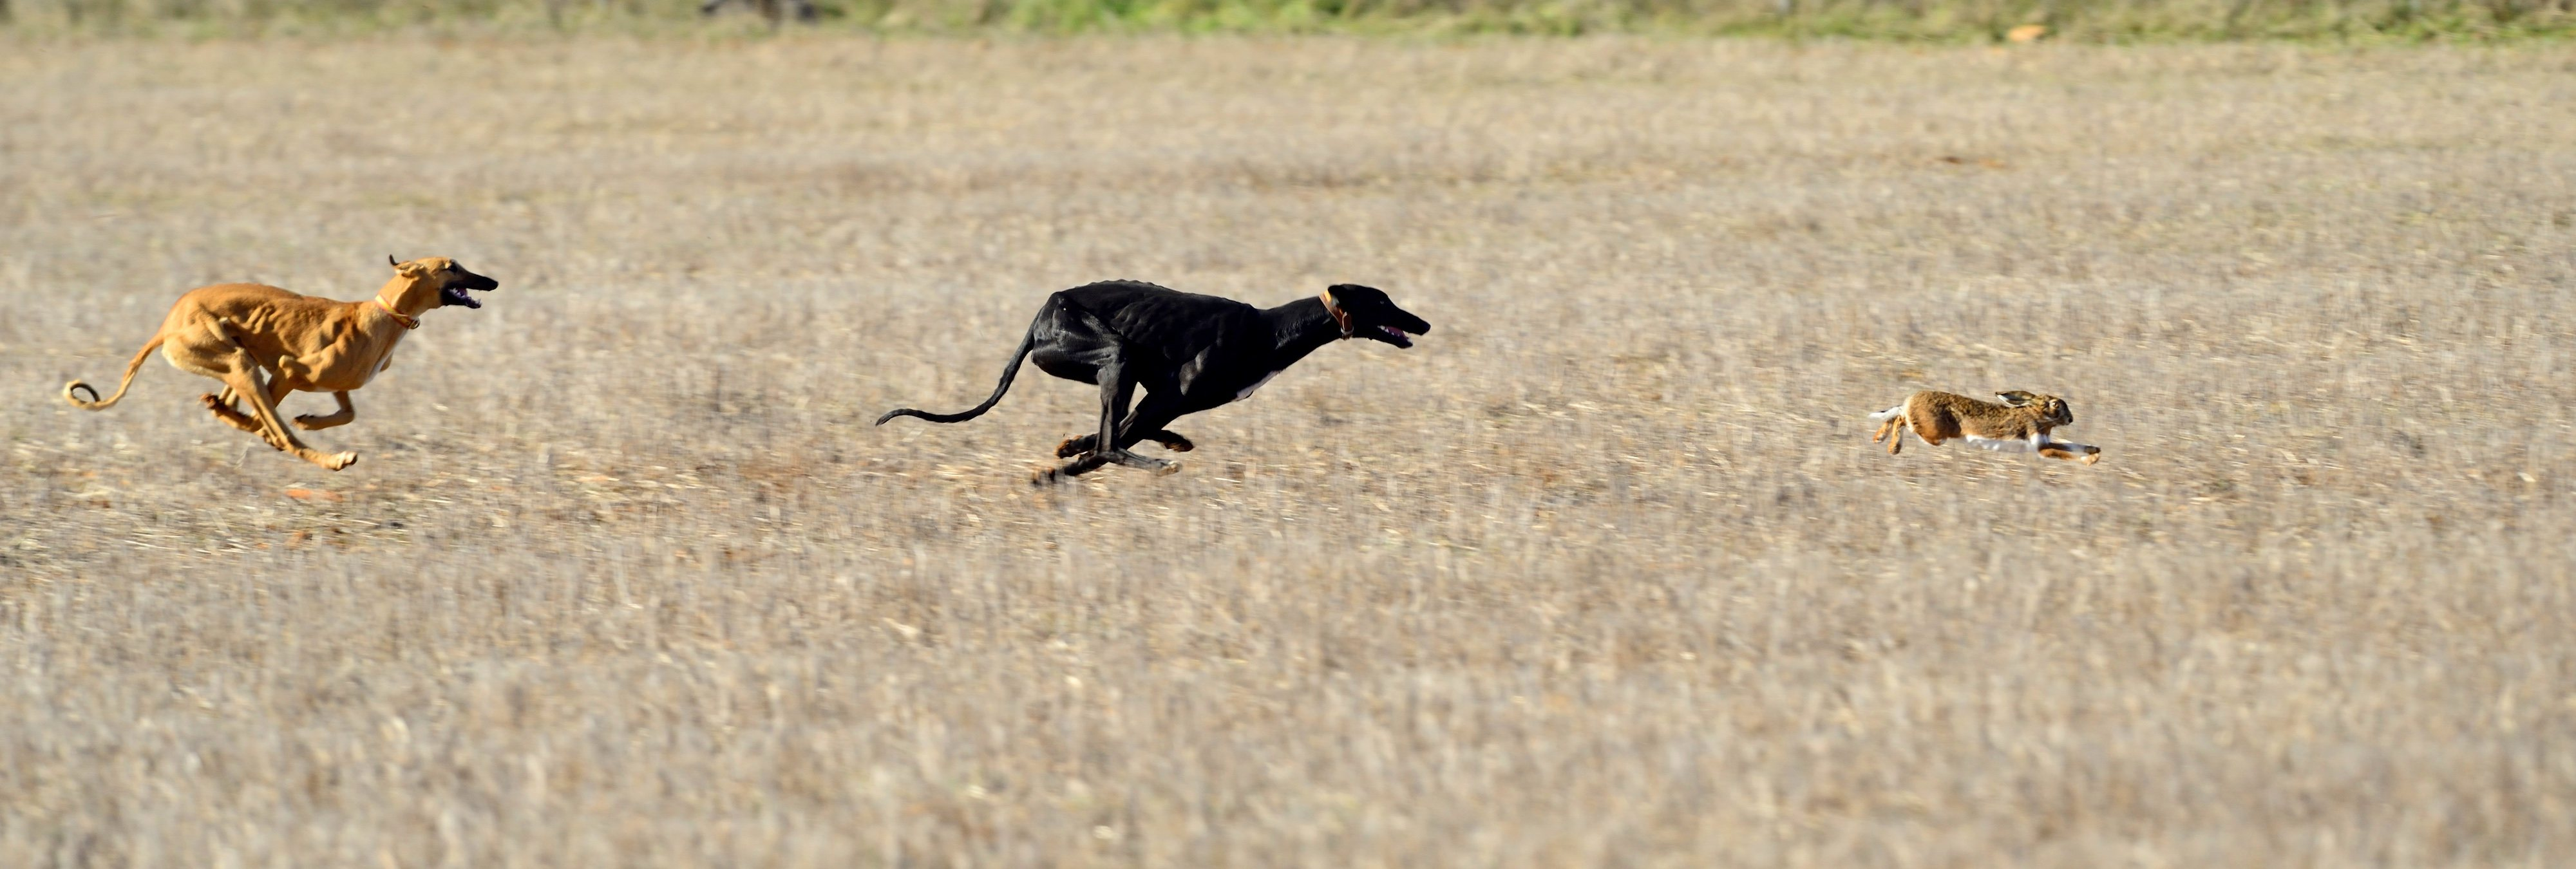 Los cazadores españoles dejan morir hasta 50.000 galgos tras la temporada de caza